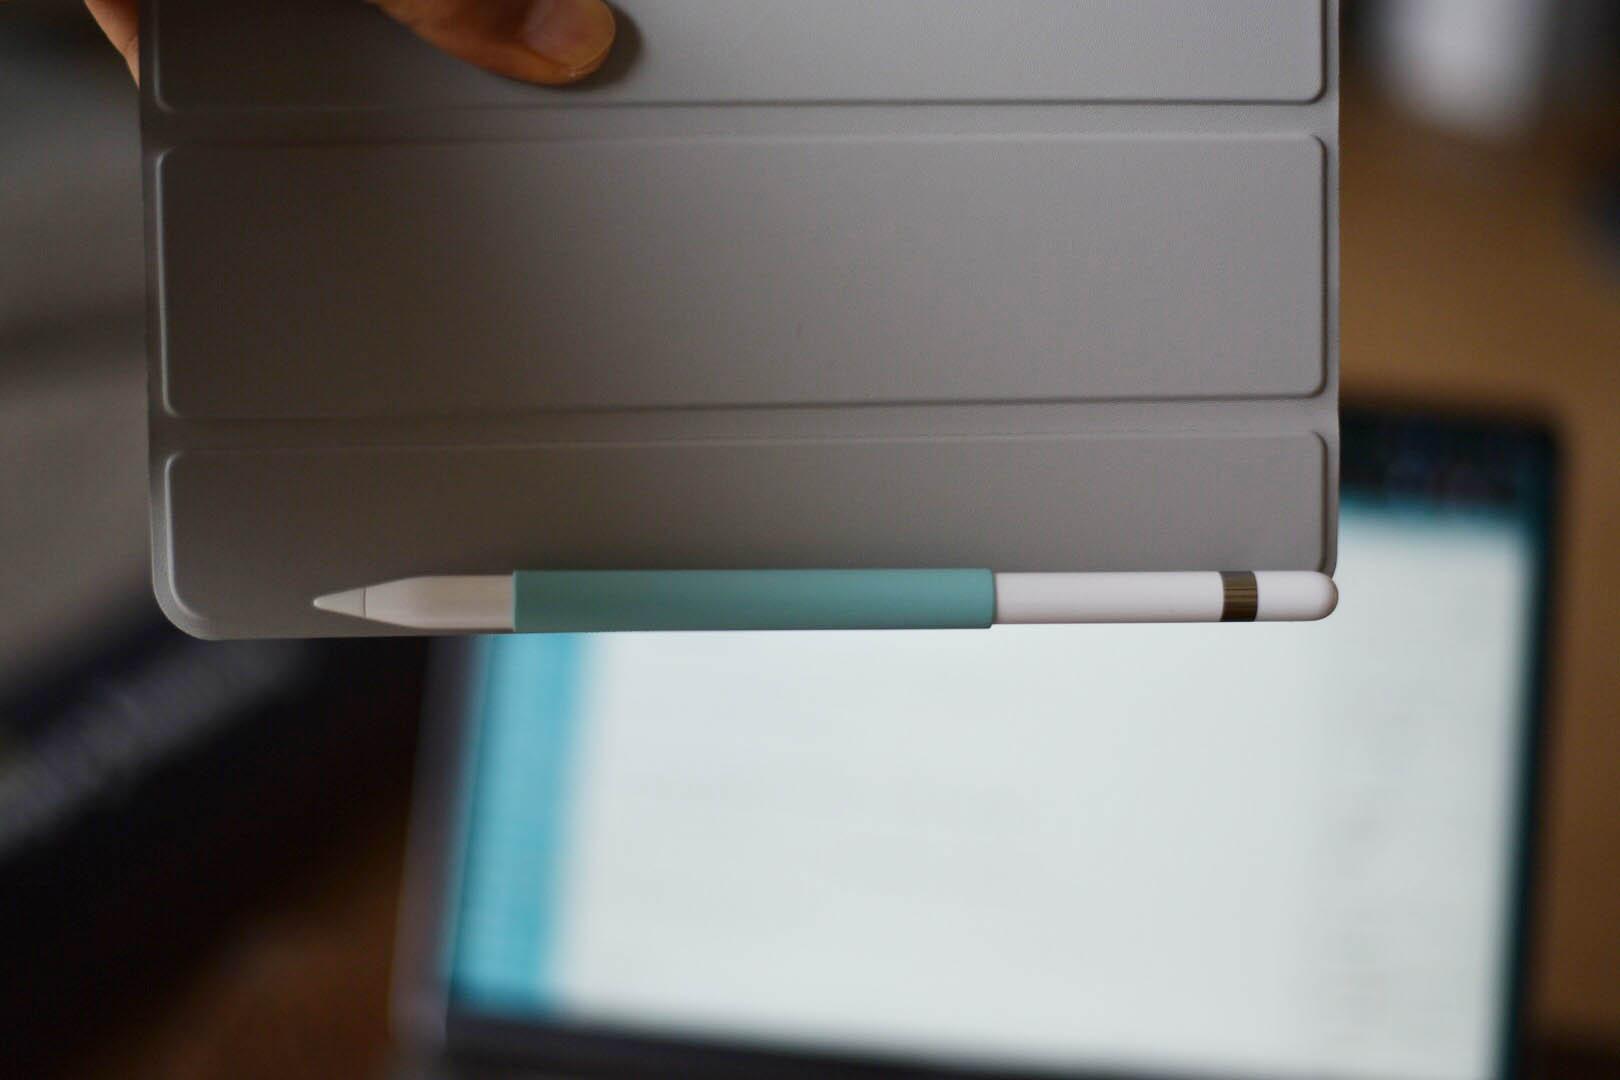 Apple pencilグリップは色んなところにくっつく②